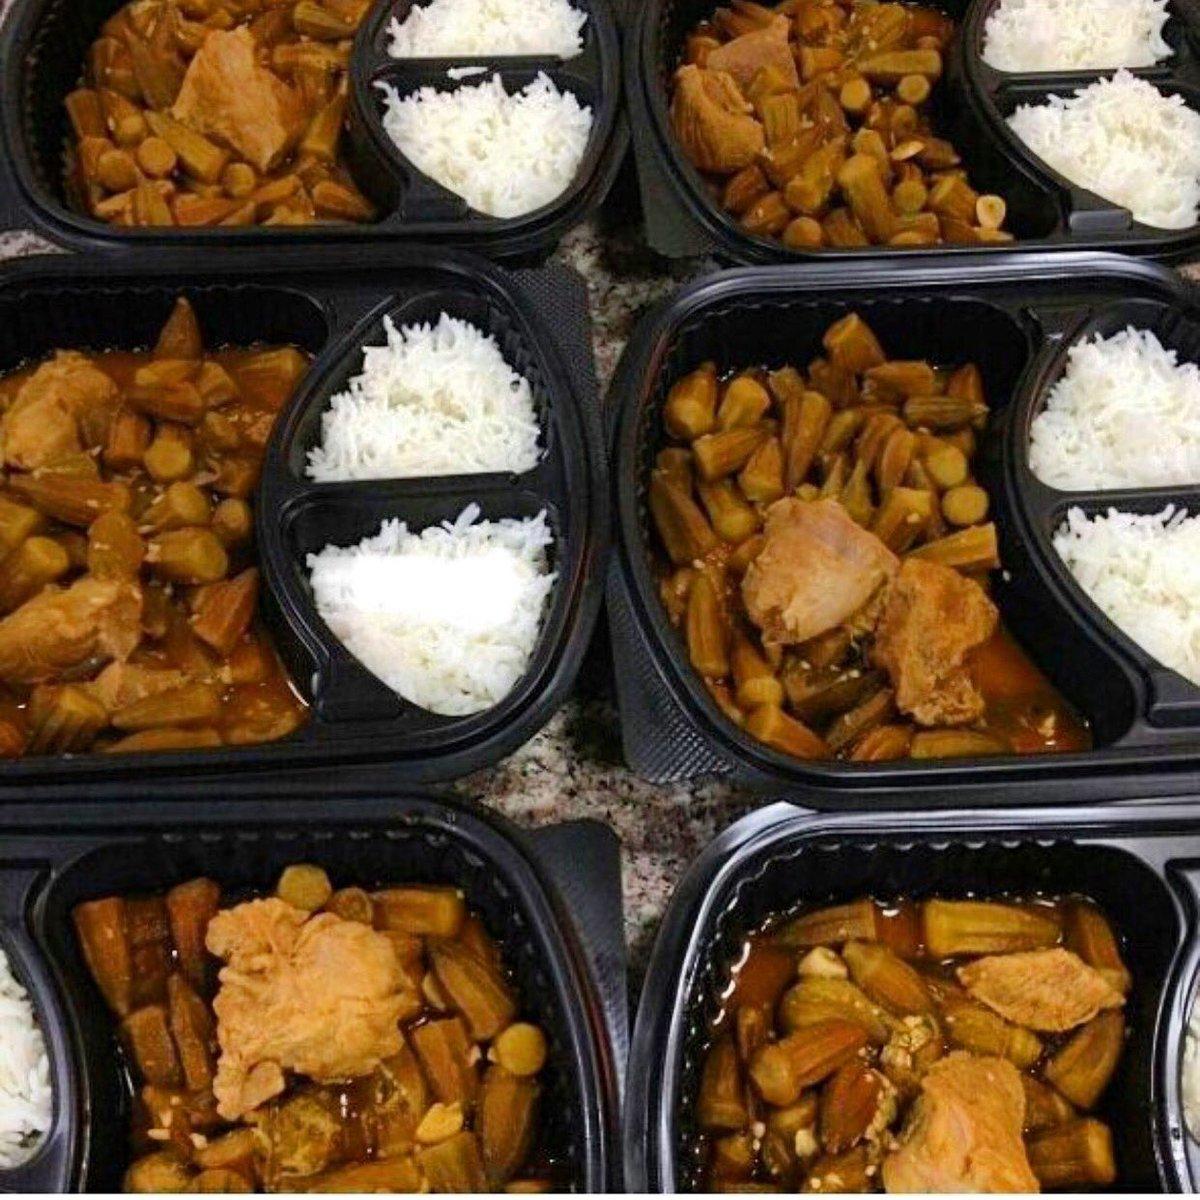 بالصور وجبات دايت , تخلصي من العادات السيئة في الاكل باطعمة ووجبات صحية لذيذة 662 4